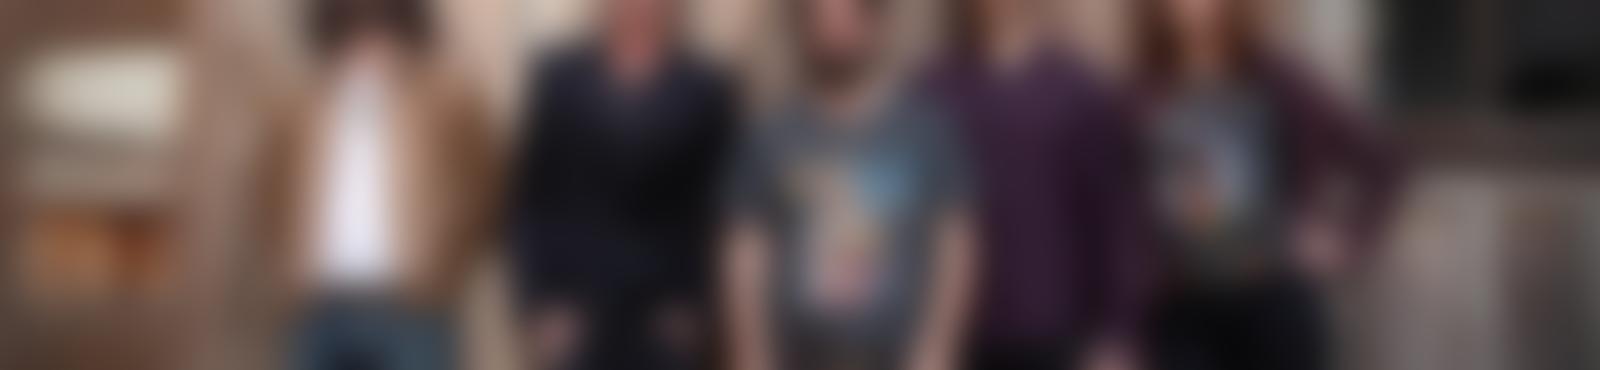 Blurred 4cc8d3cf 7636 40f0 9869 0f5a426c96b8